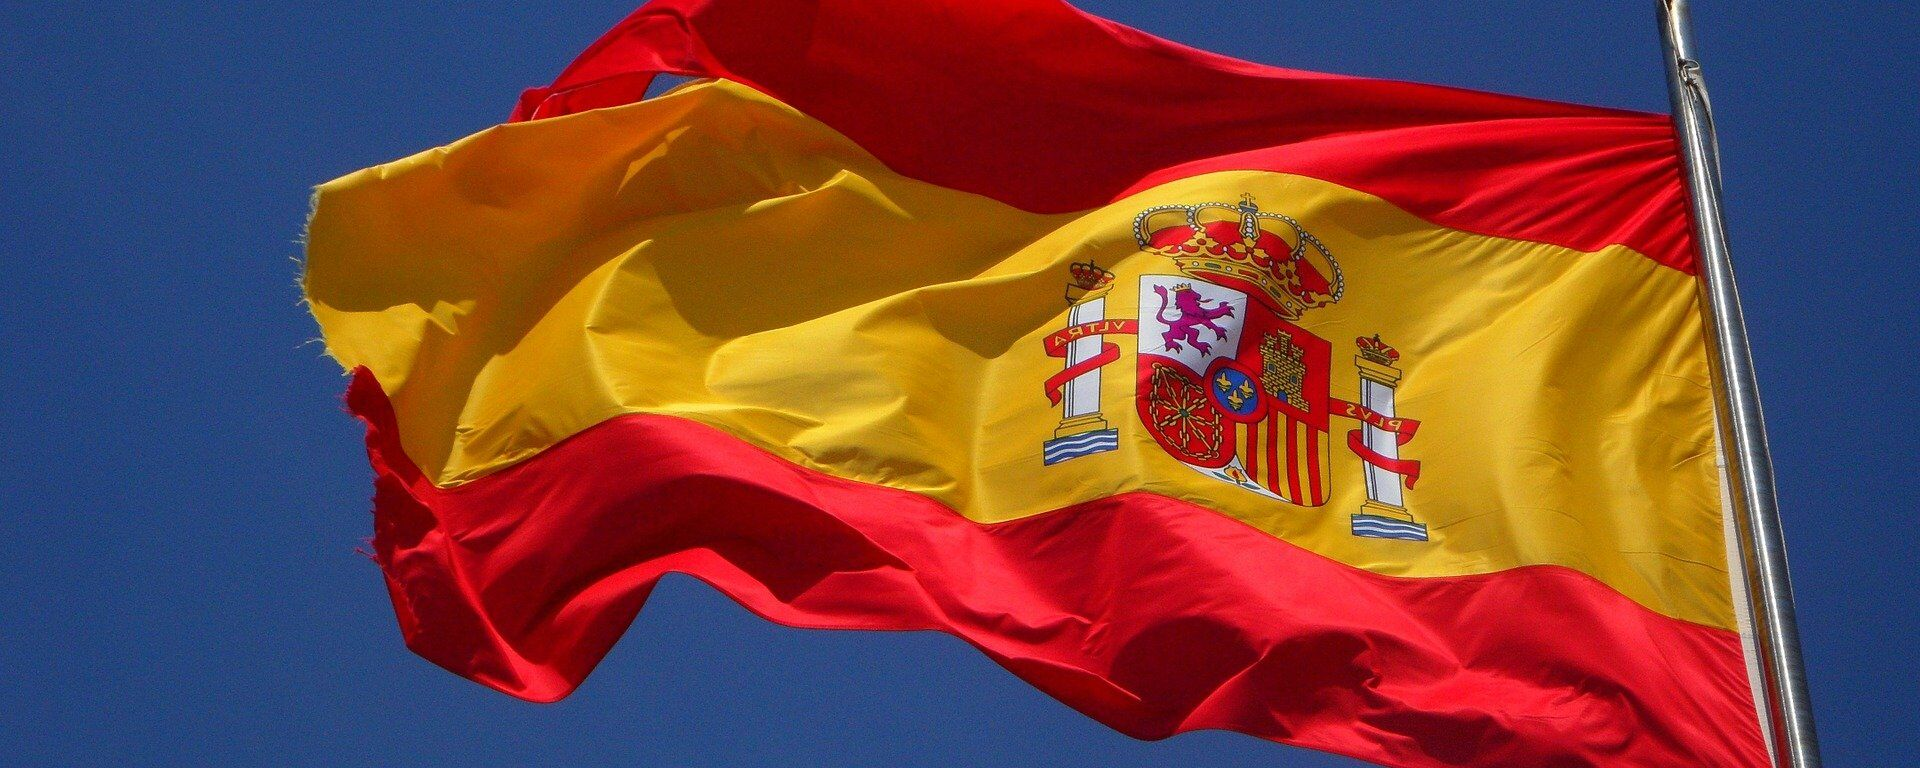 Bandiera Spagna - Sputnik Italia, 1920, 24.09.2021